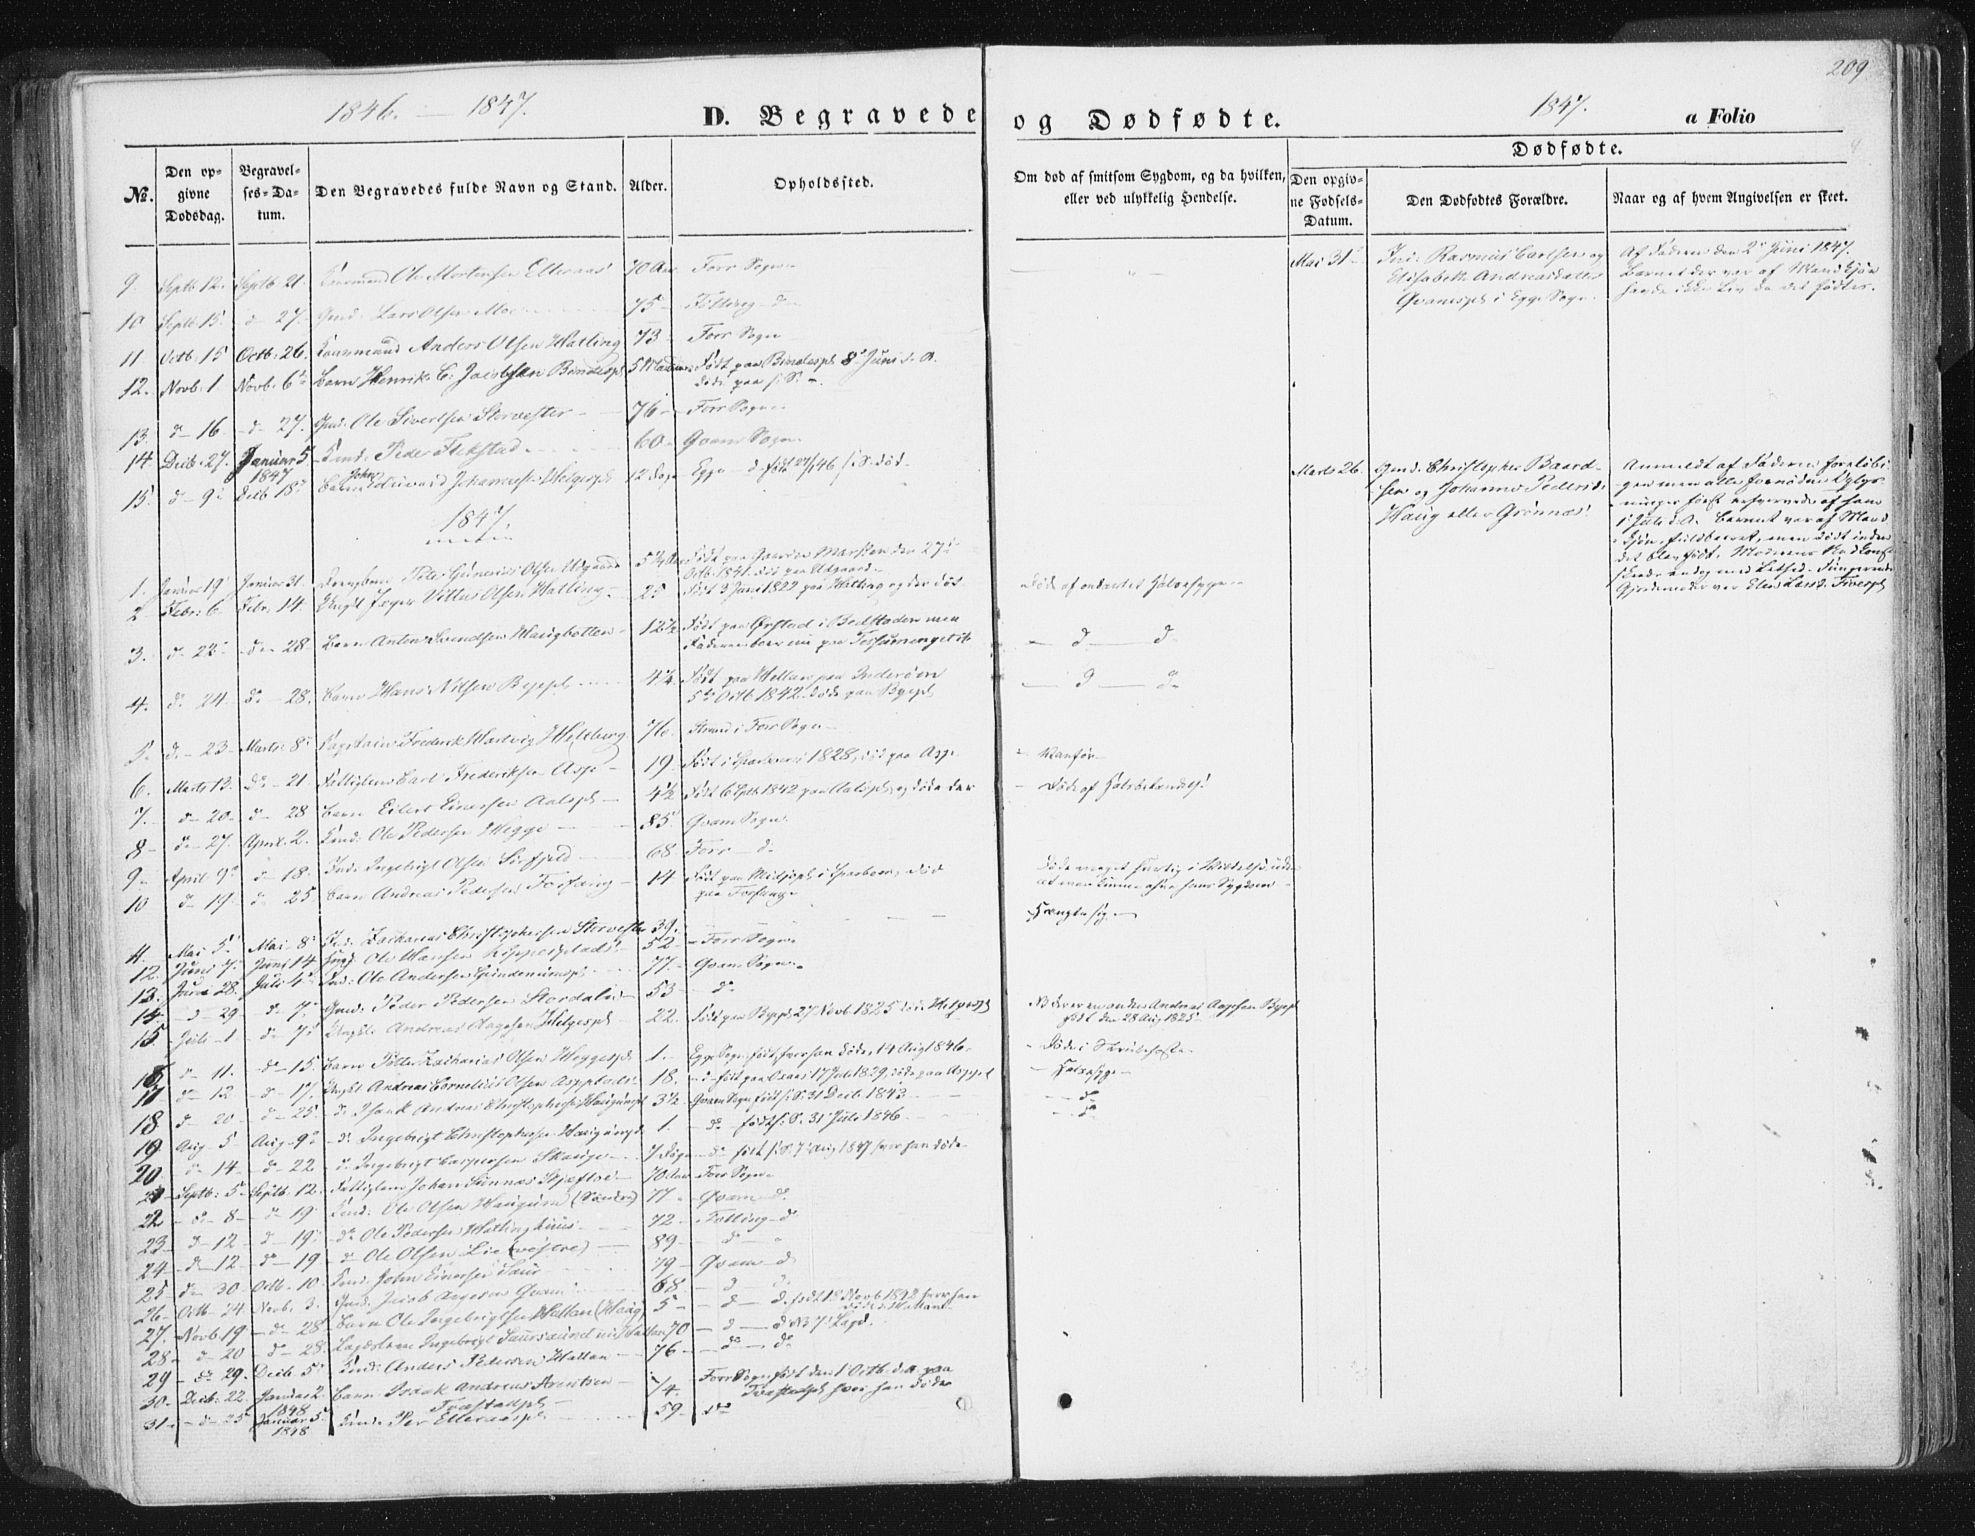 SAT, Ministerialprotokoller, klokkerbøker og fødselsregistre - Nord-Trøndelag, 746/L0446: Ministerialbok nr. 746A05, 1846-1859, s. 209